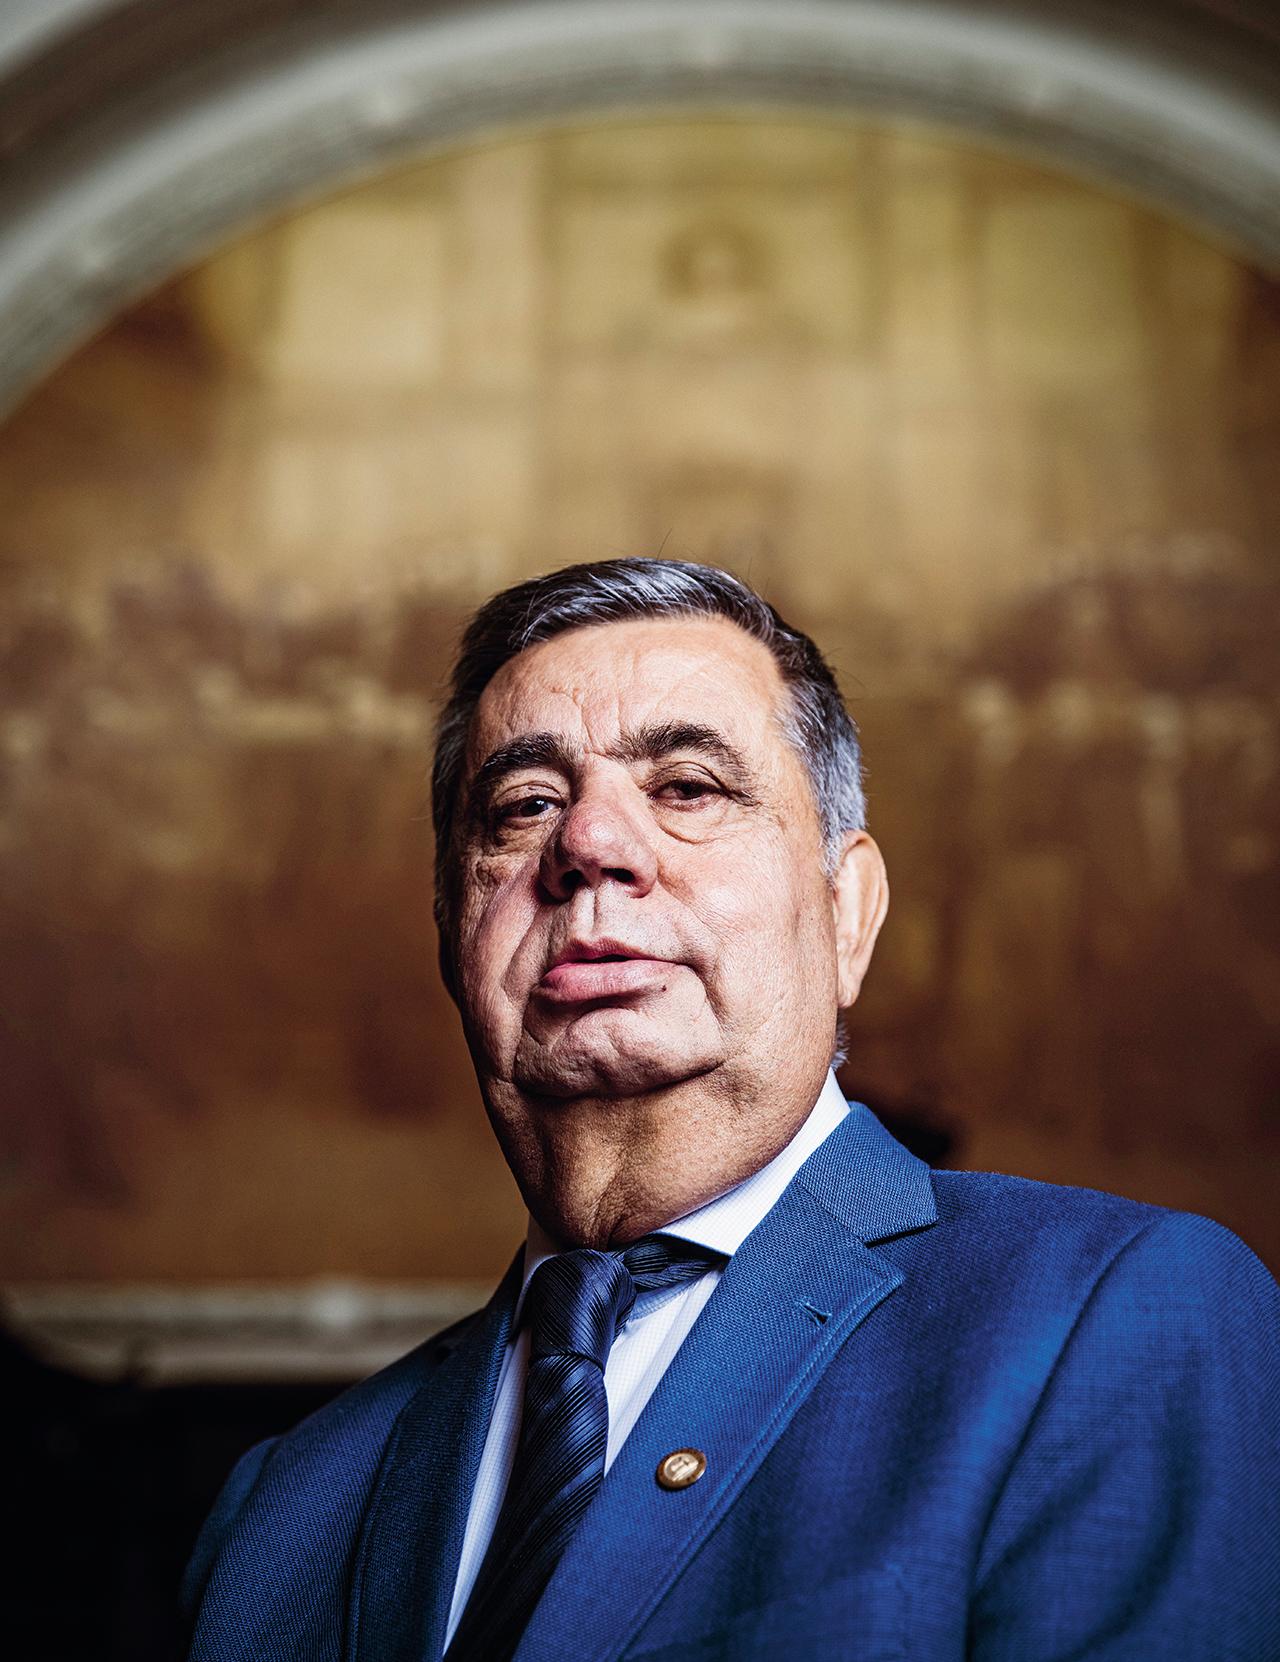 Pego na Operação Cadeia Velha, desdobramento da Lava Jato, Jorge Picciani era o principal articulador do PMDB no Rio